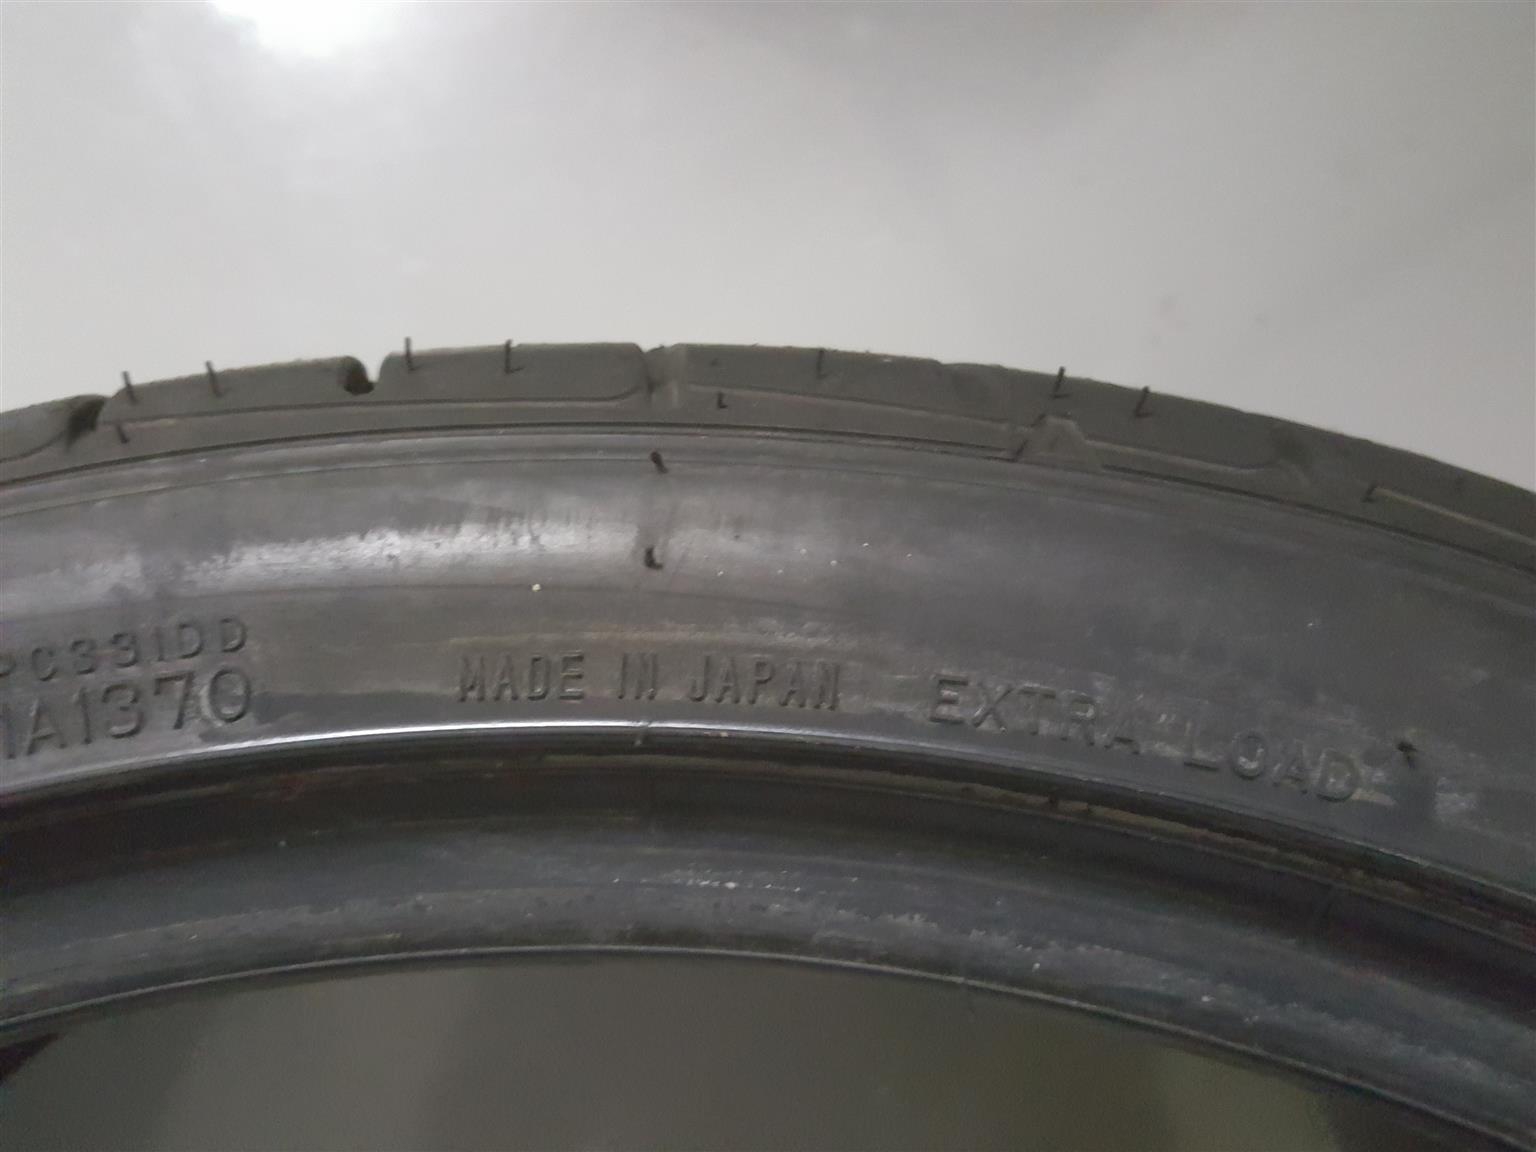 225x35x19 Falken 453 tyres